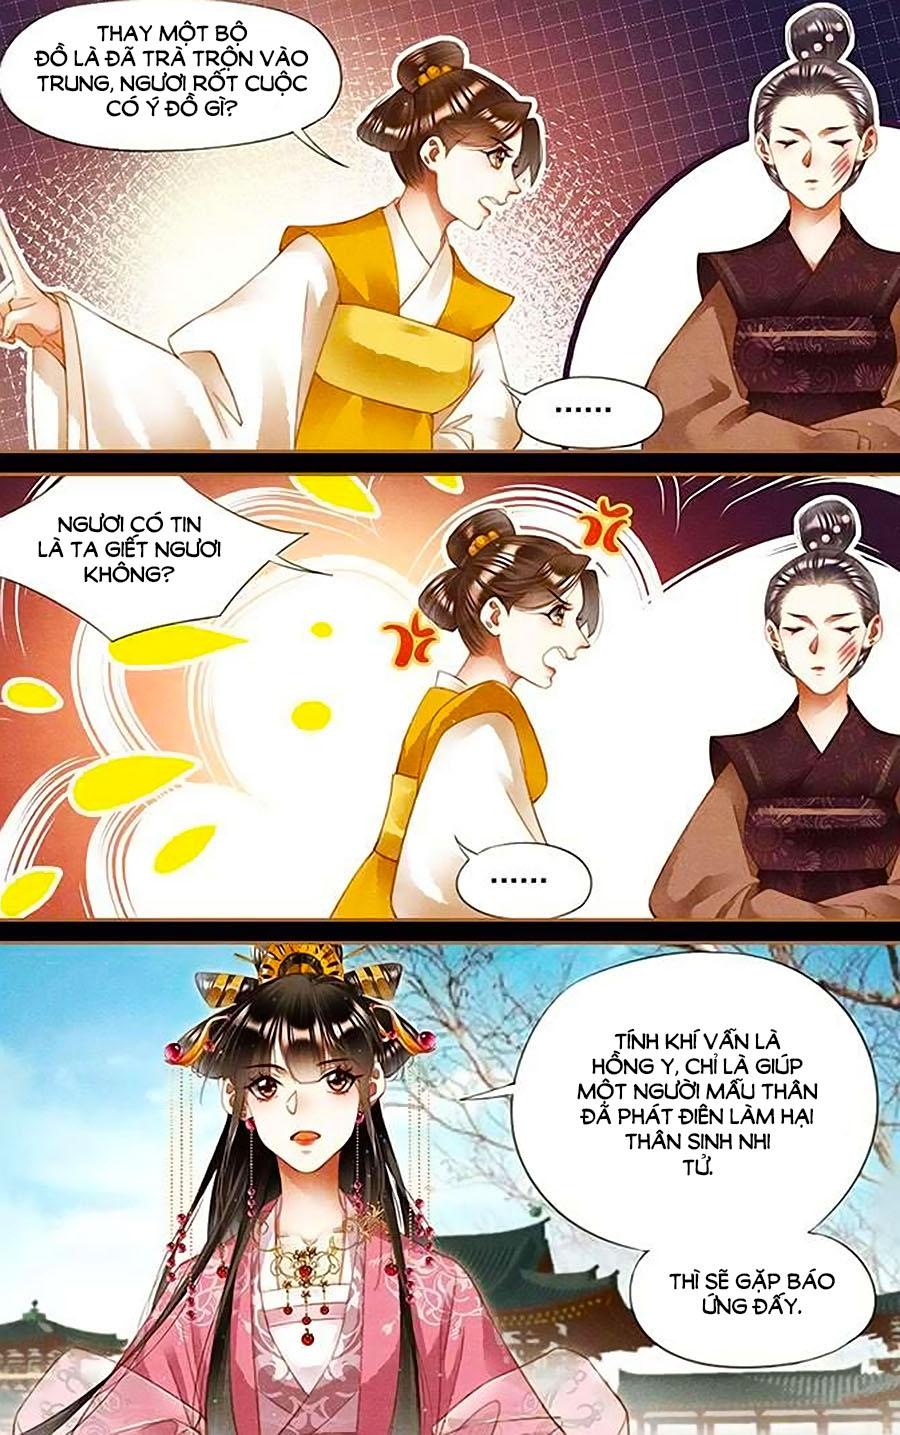 Thần Y Đích Nữ chap 277 - Trang 2